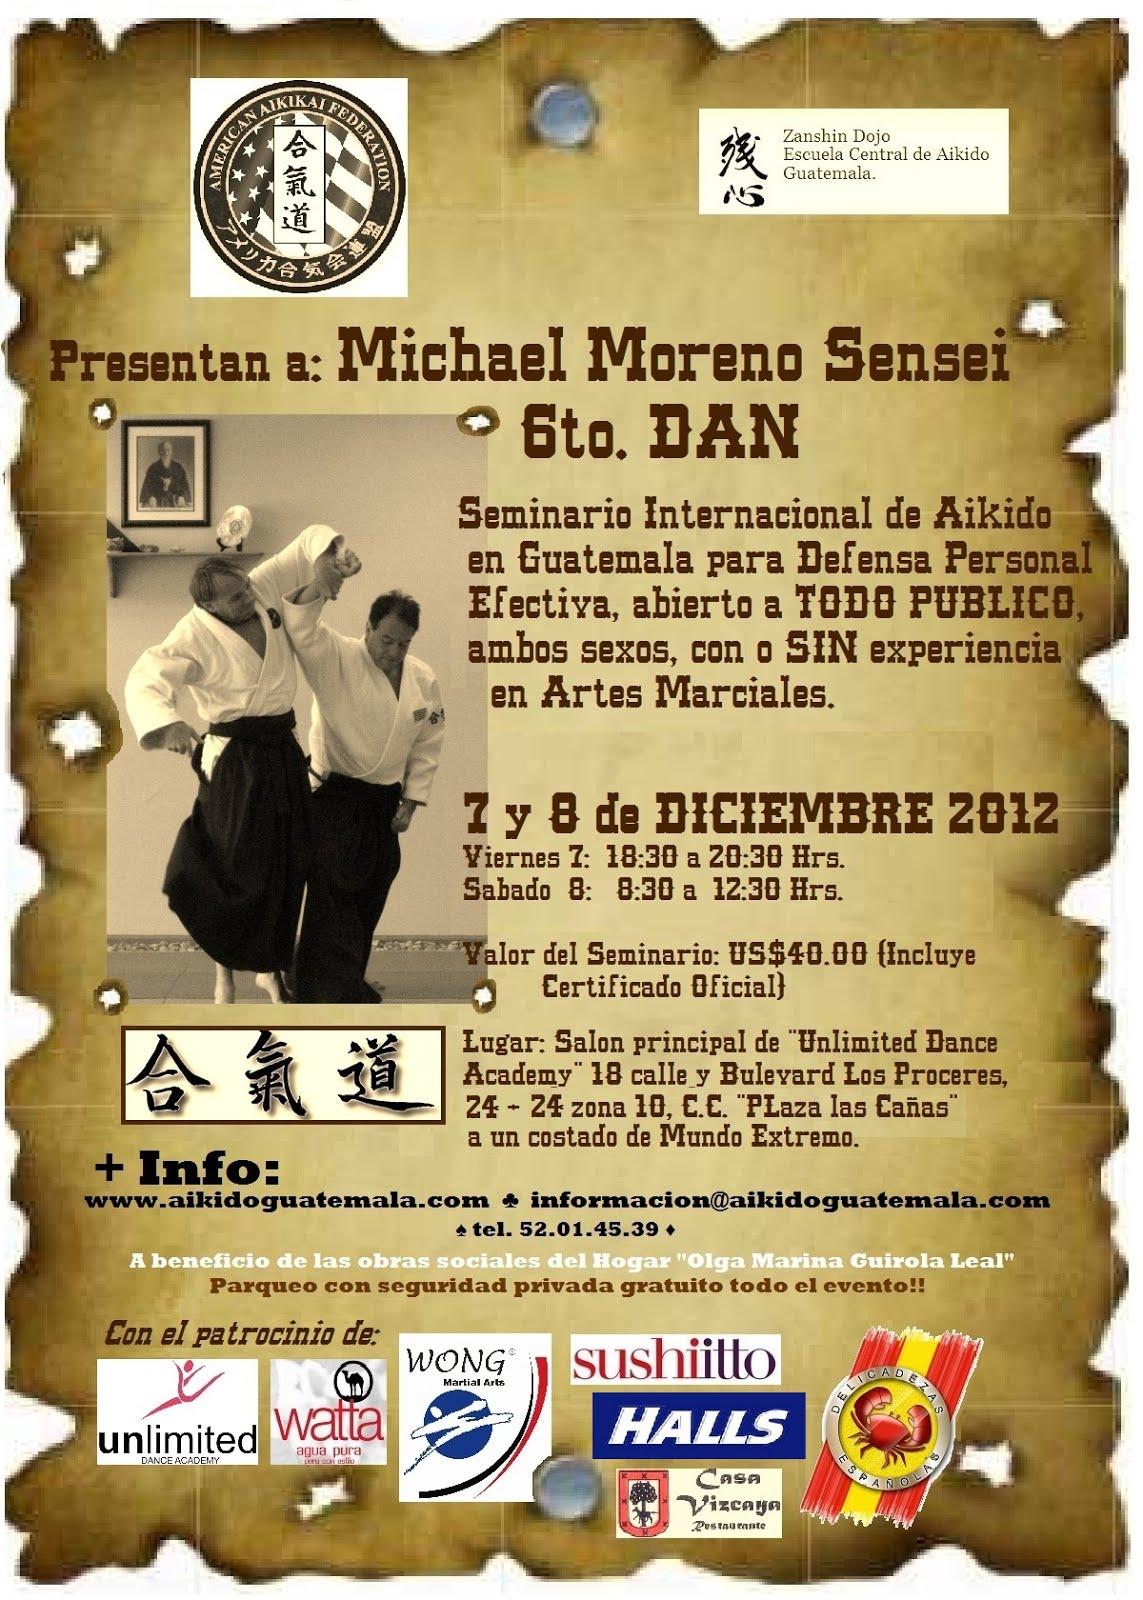 Afiche 9no. Seminario Zanshin Dojo Aikido Guatemala